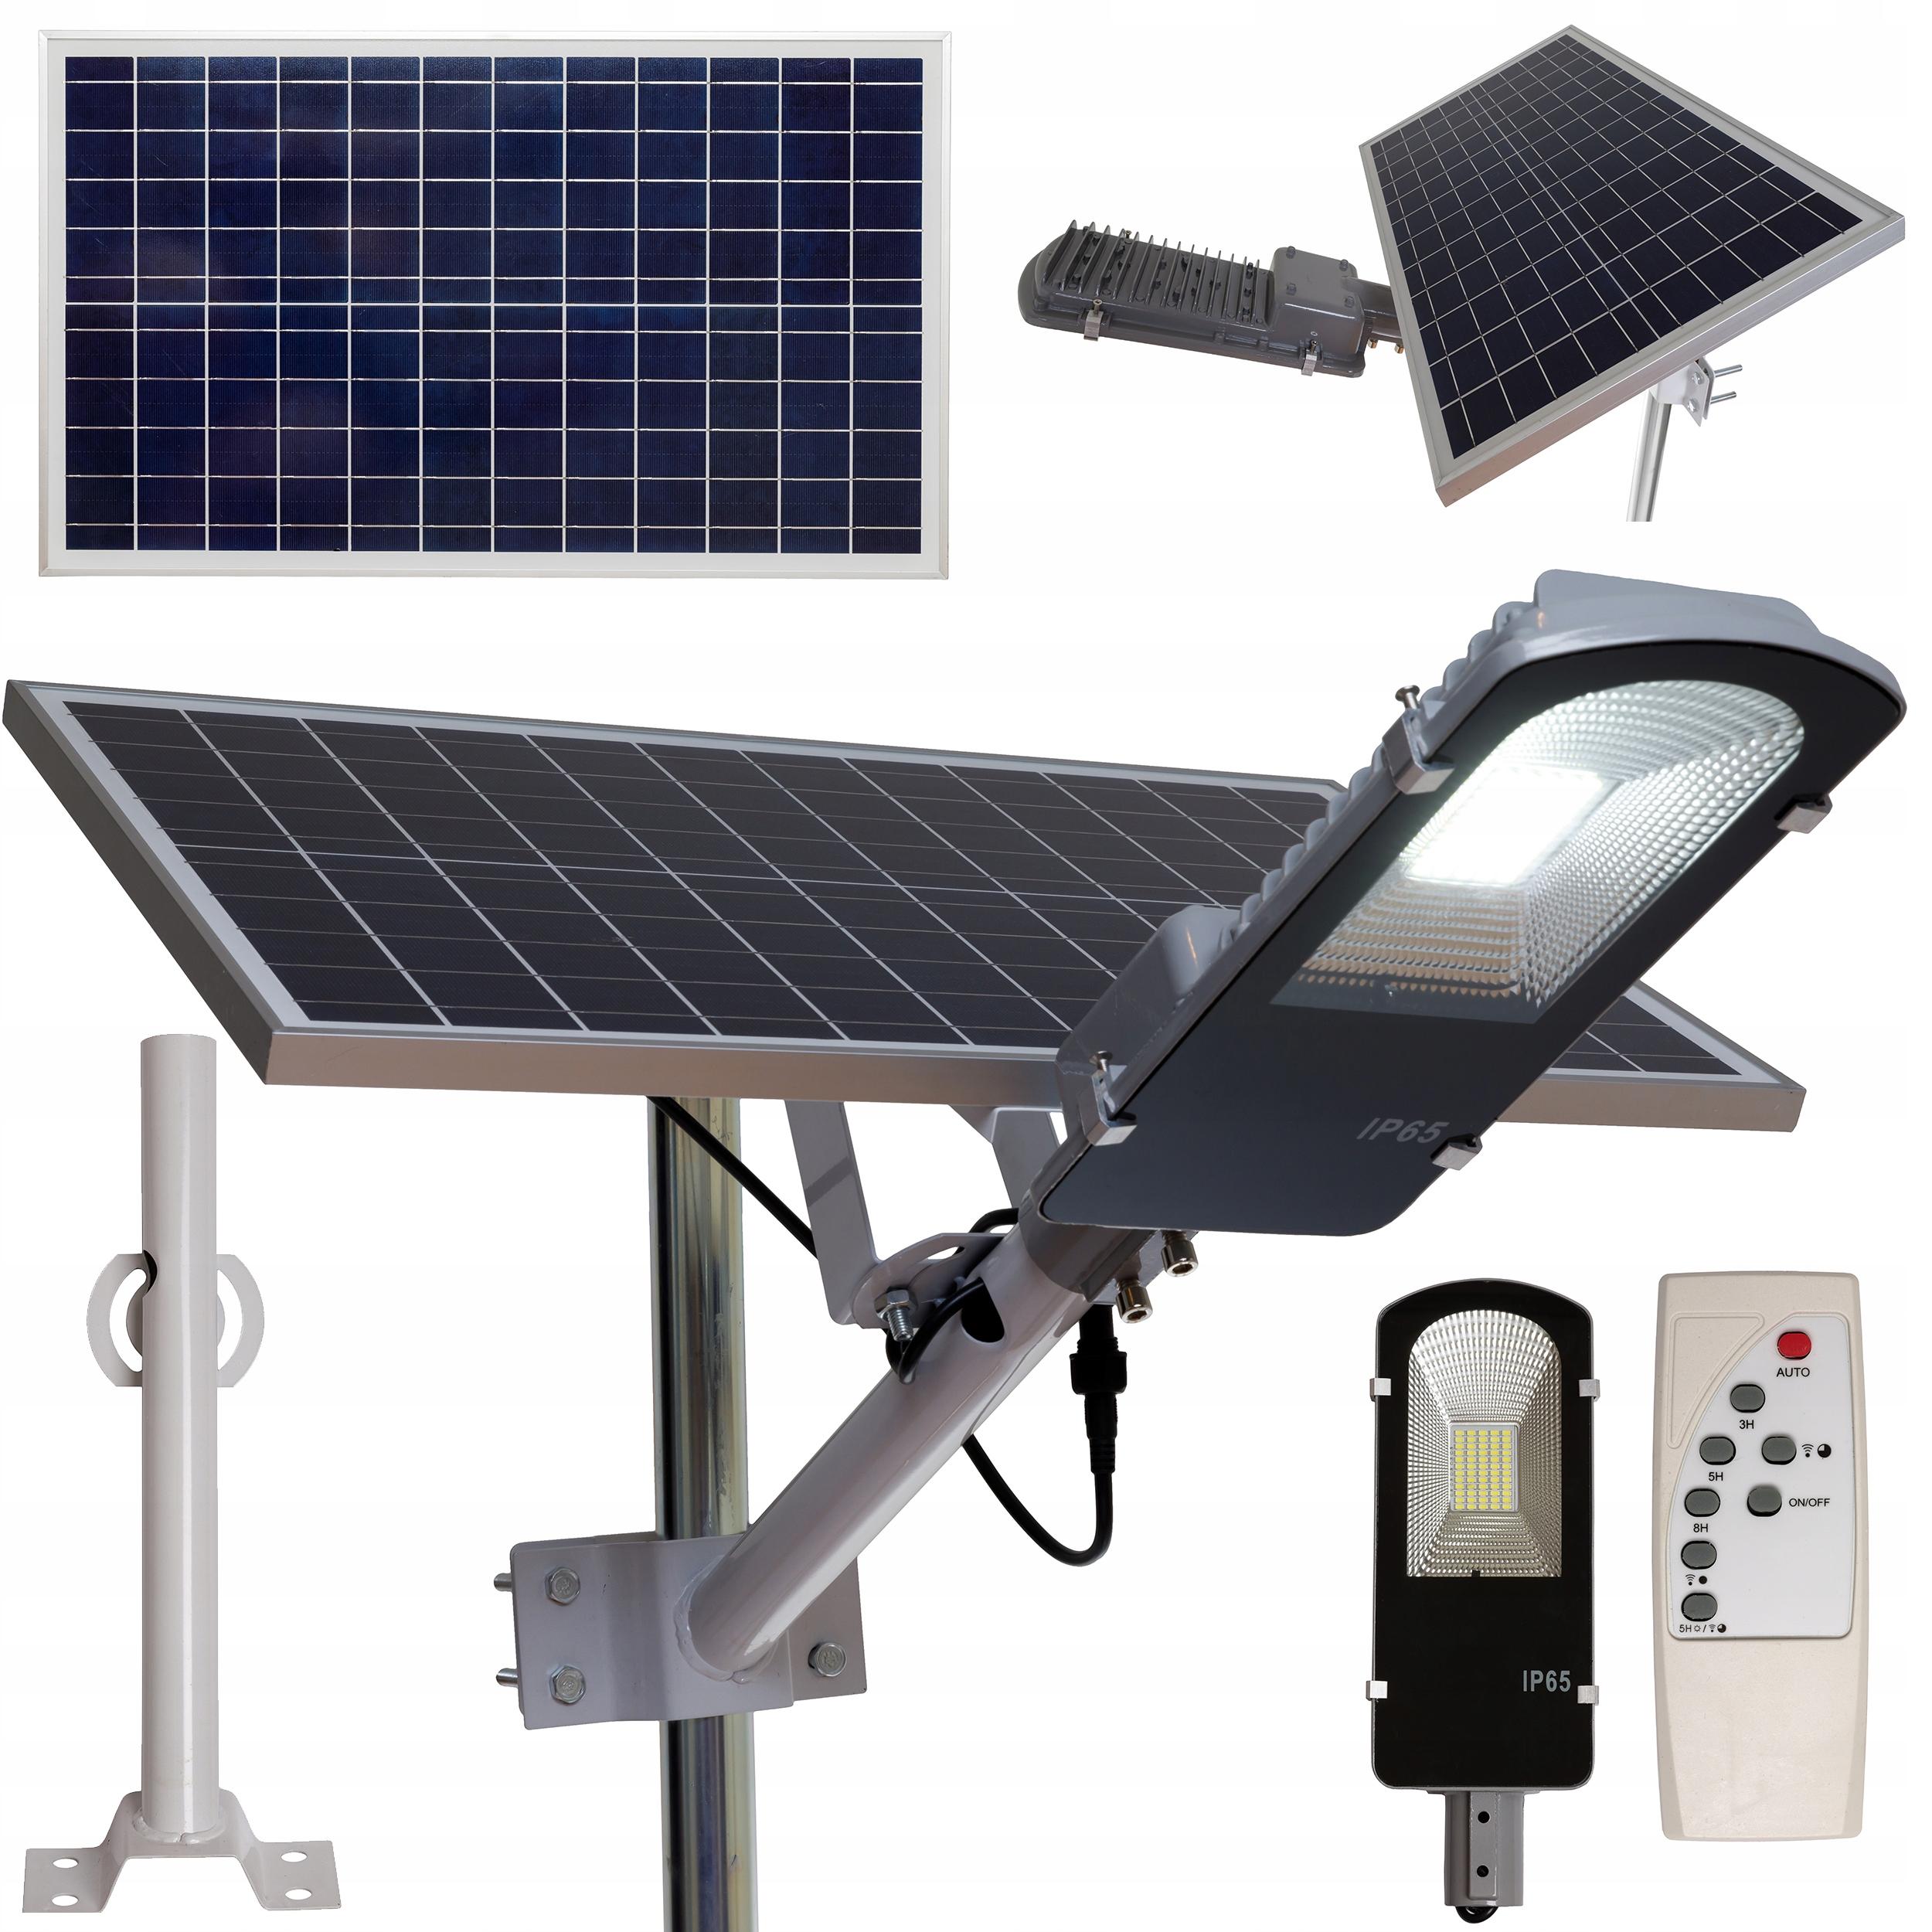 LAMPA SOLARNA ULICZNA LED 50W JD-650HL 5 TRYBÓW